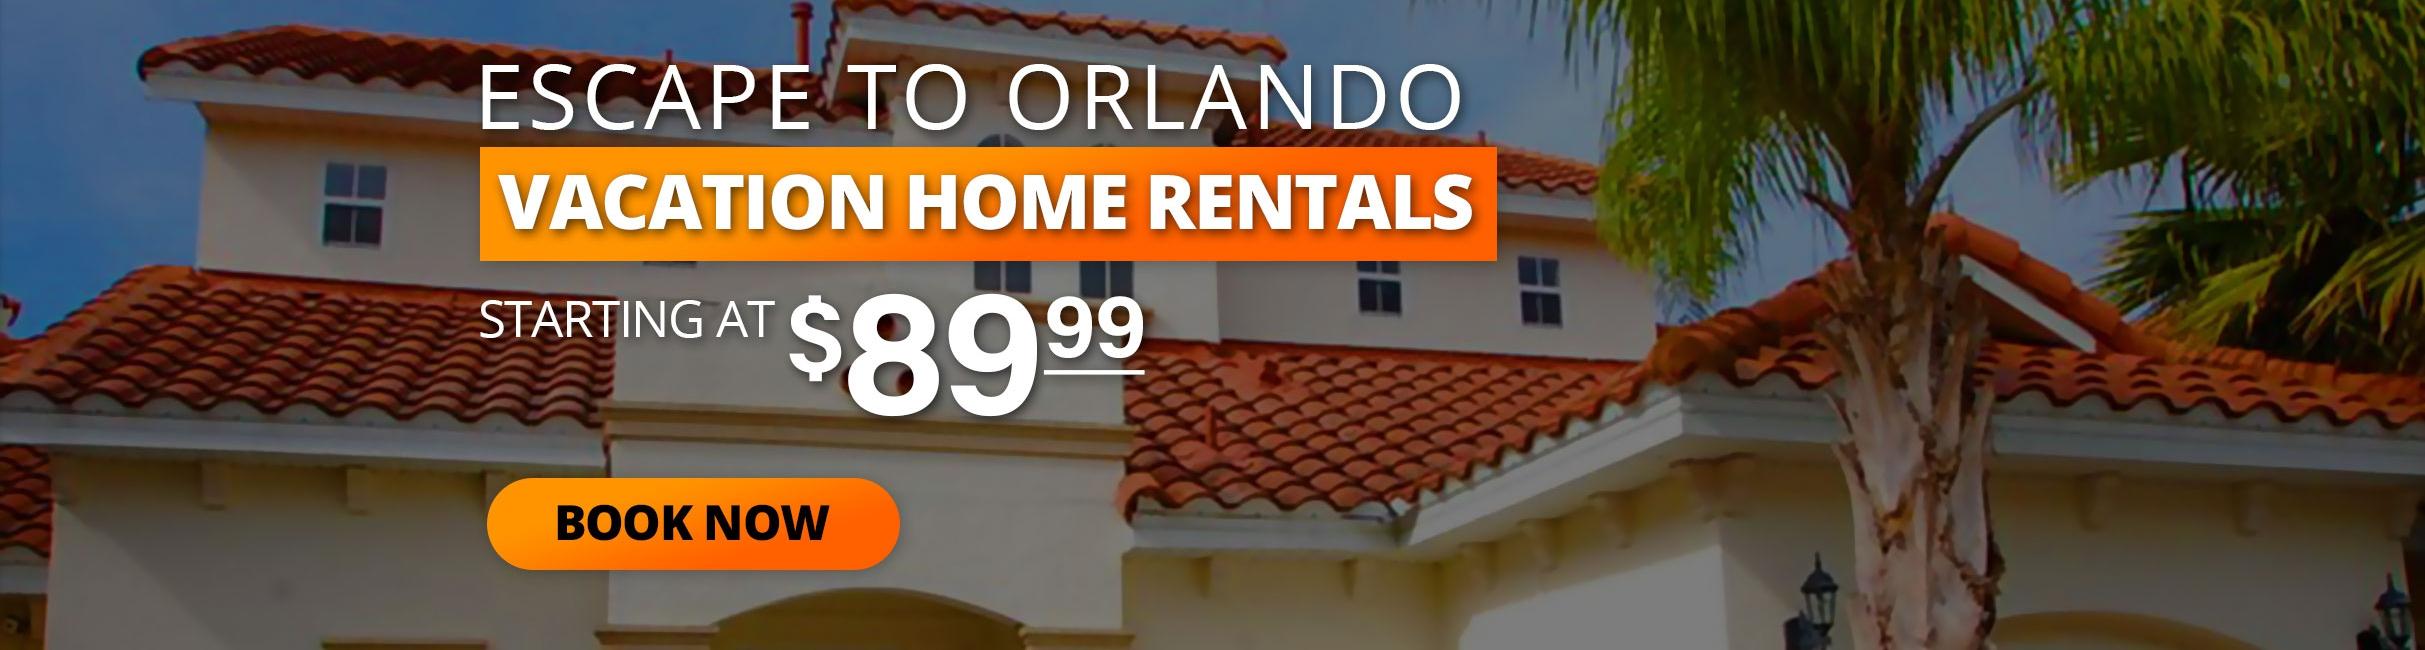 vacation homes orlando vacation-header